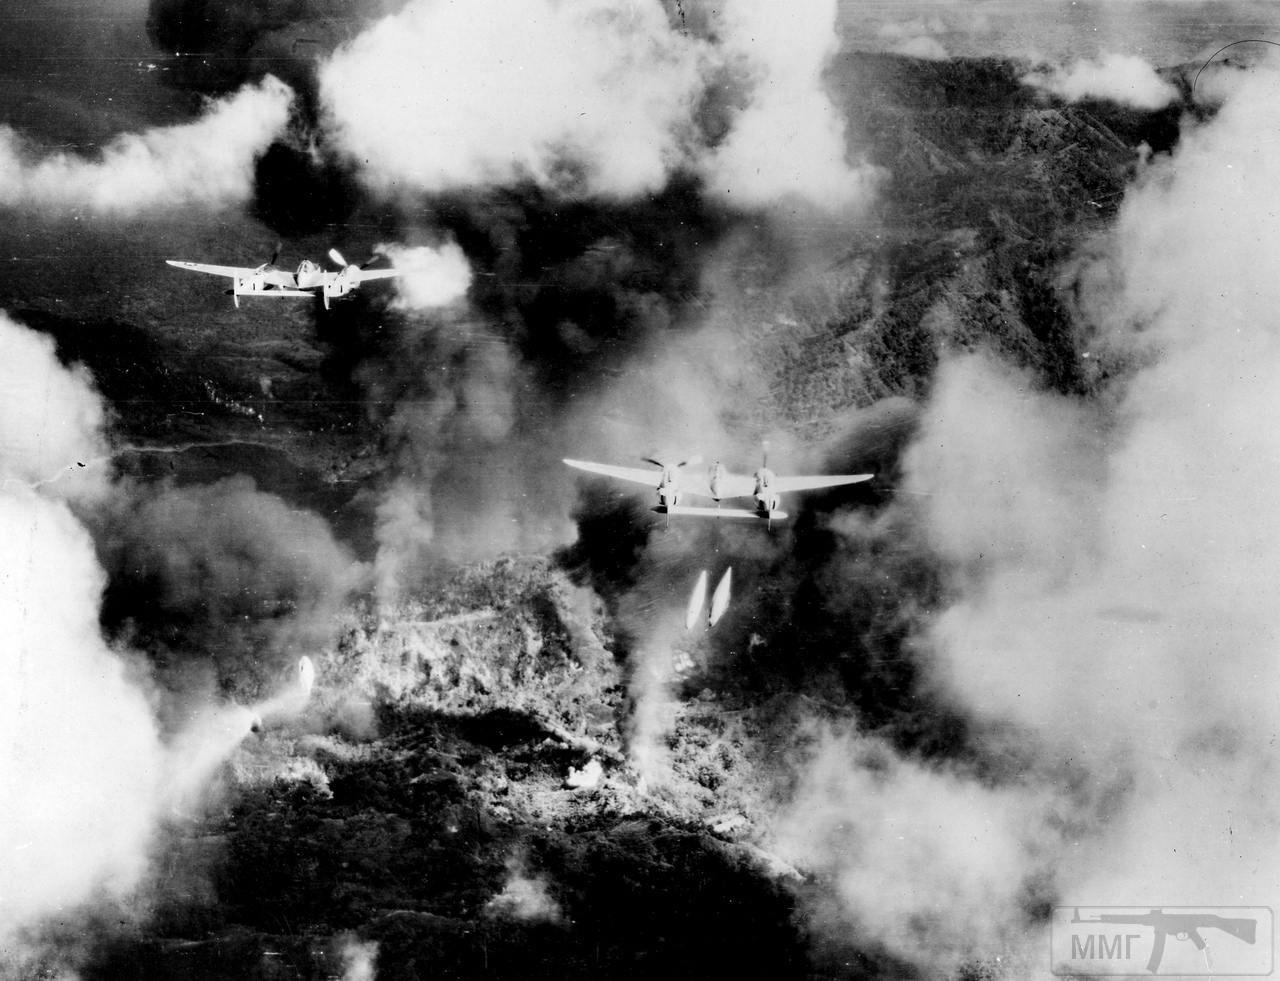 103950 - Военное фото 1941-1945 г.г. Тихий океан.